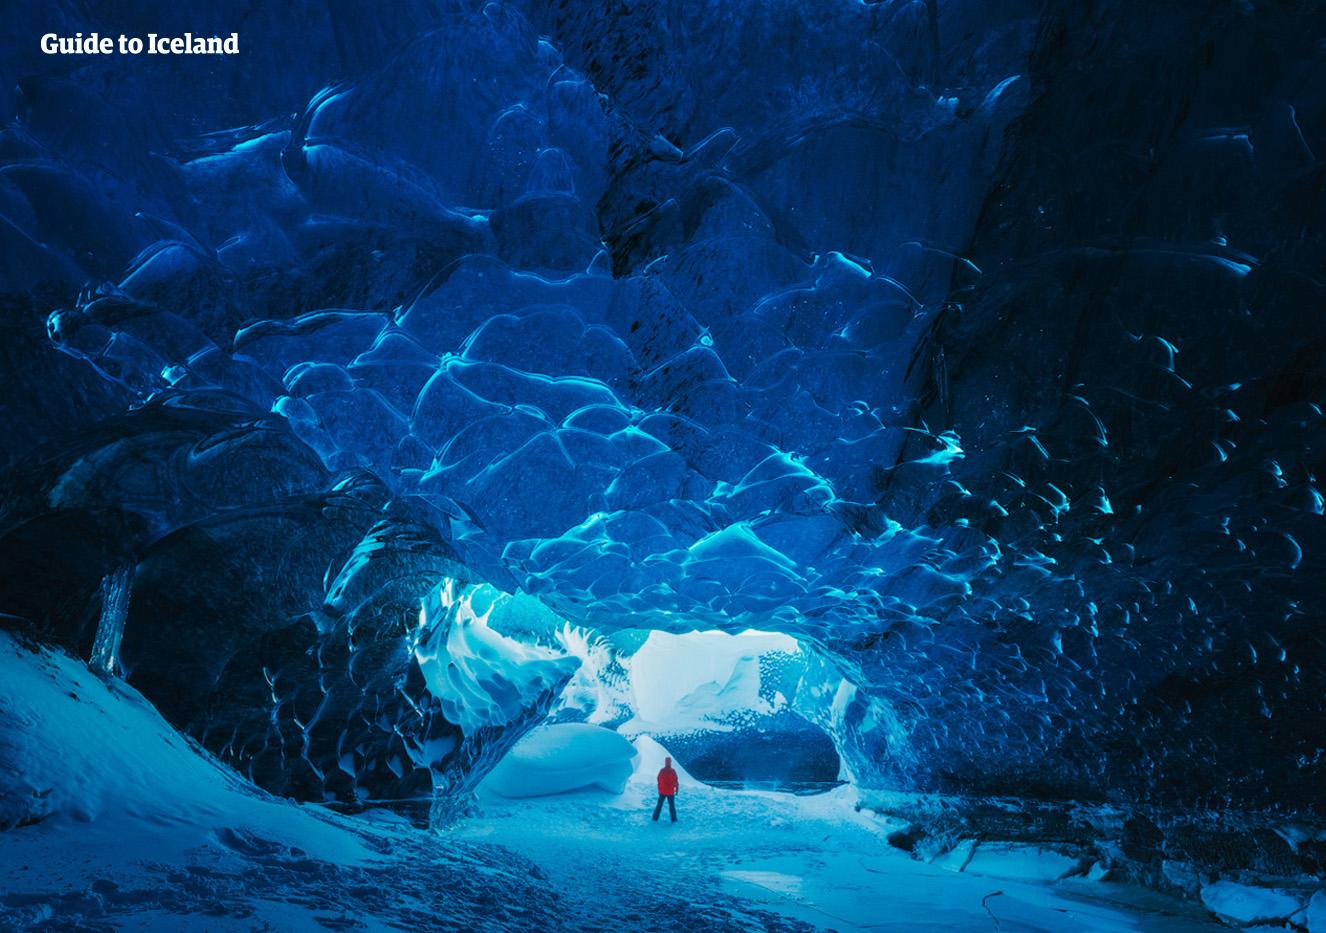 Bländande blått möter besökaren i Islands isgrottor.